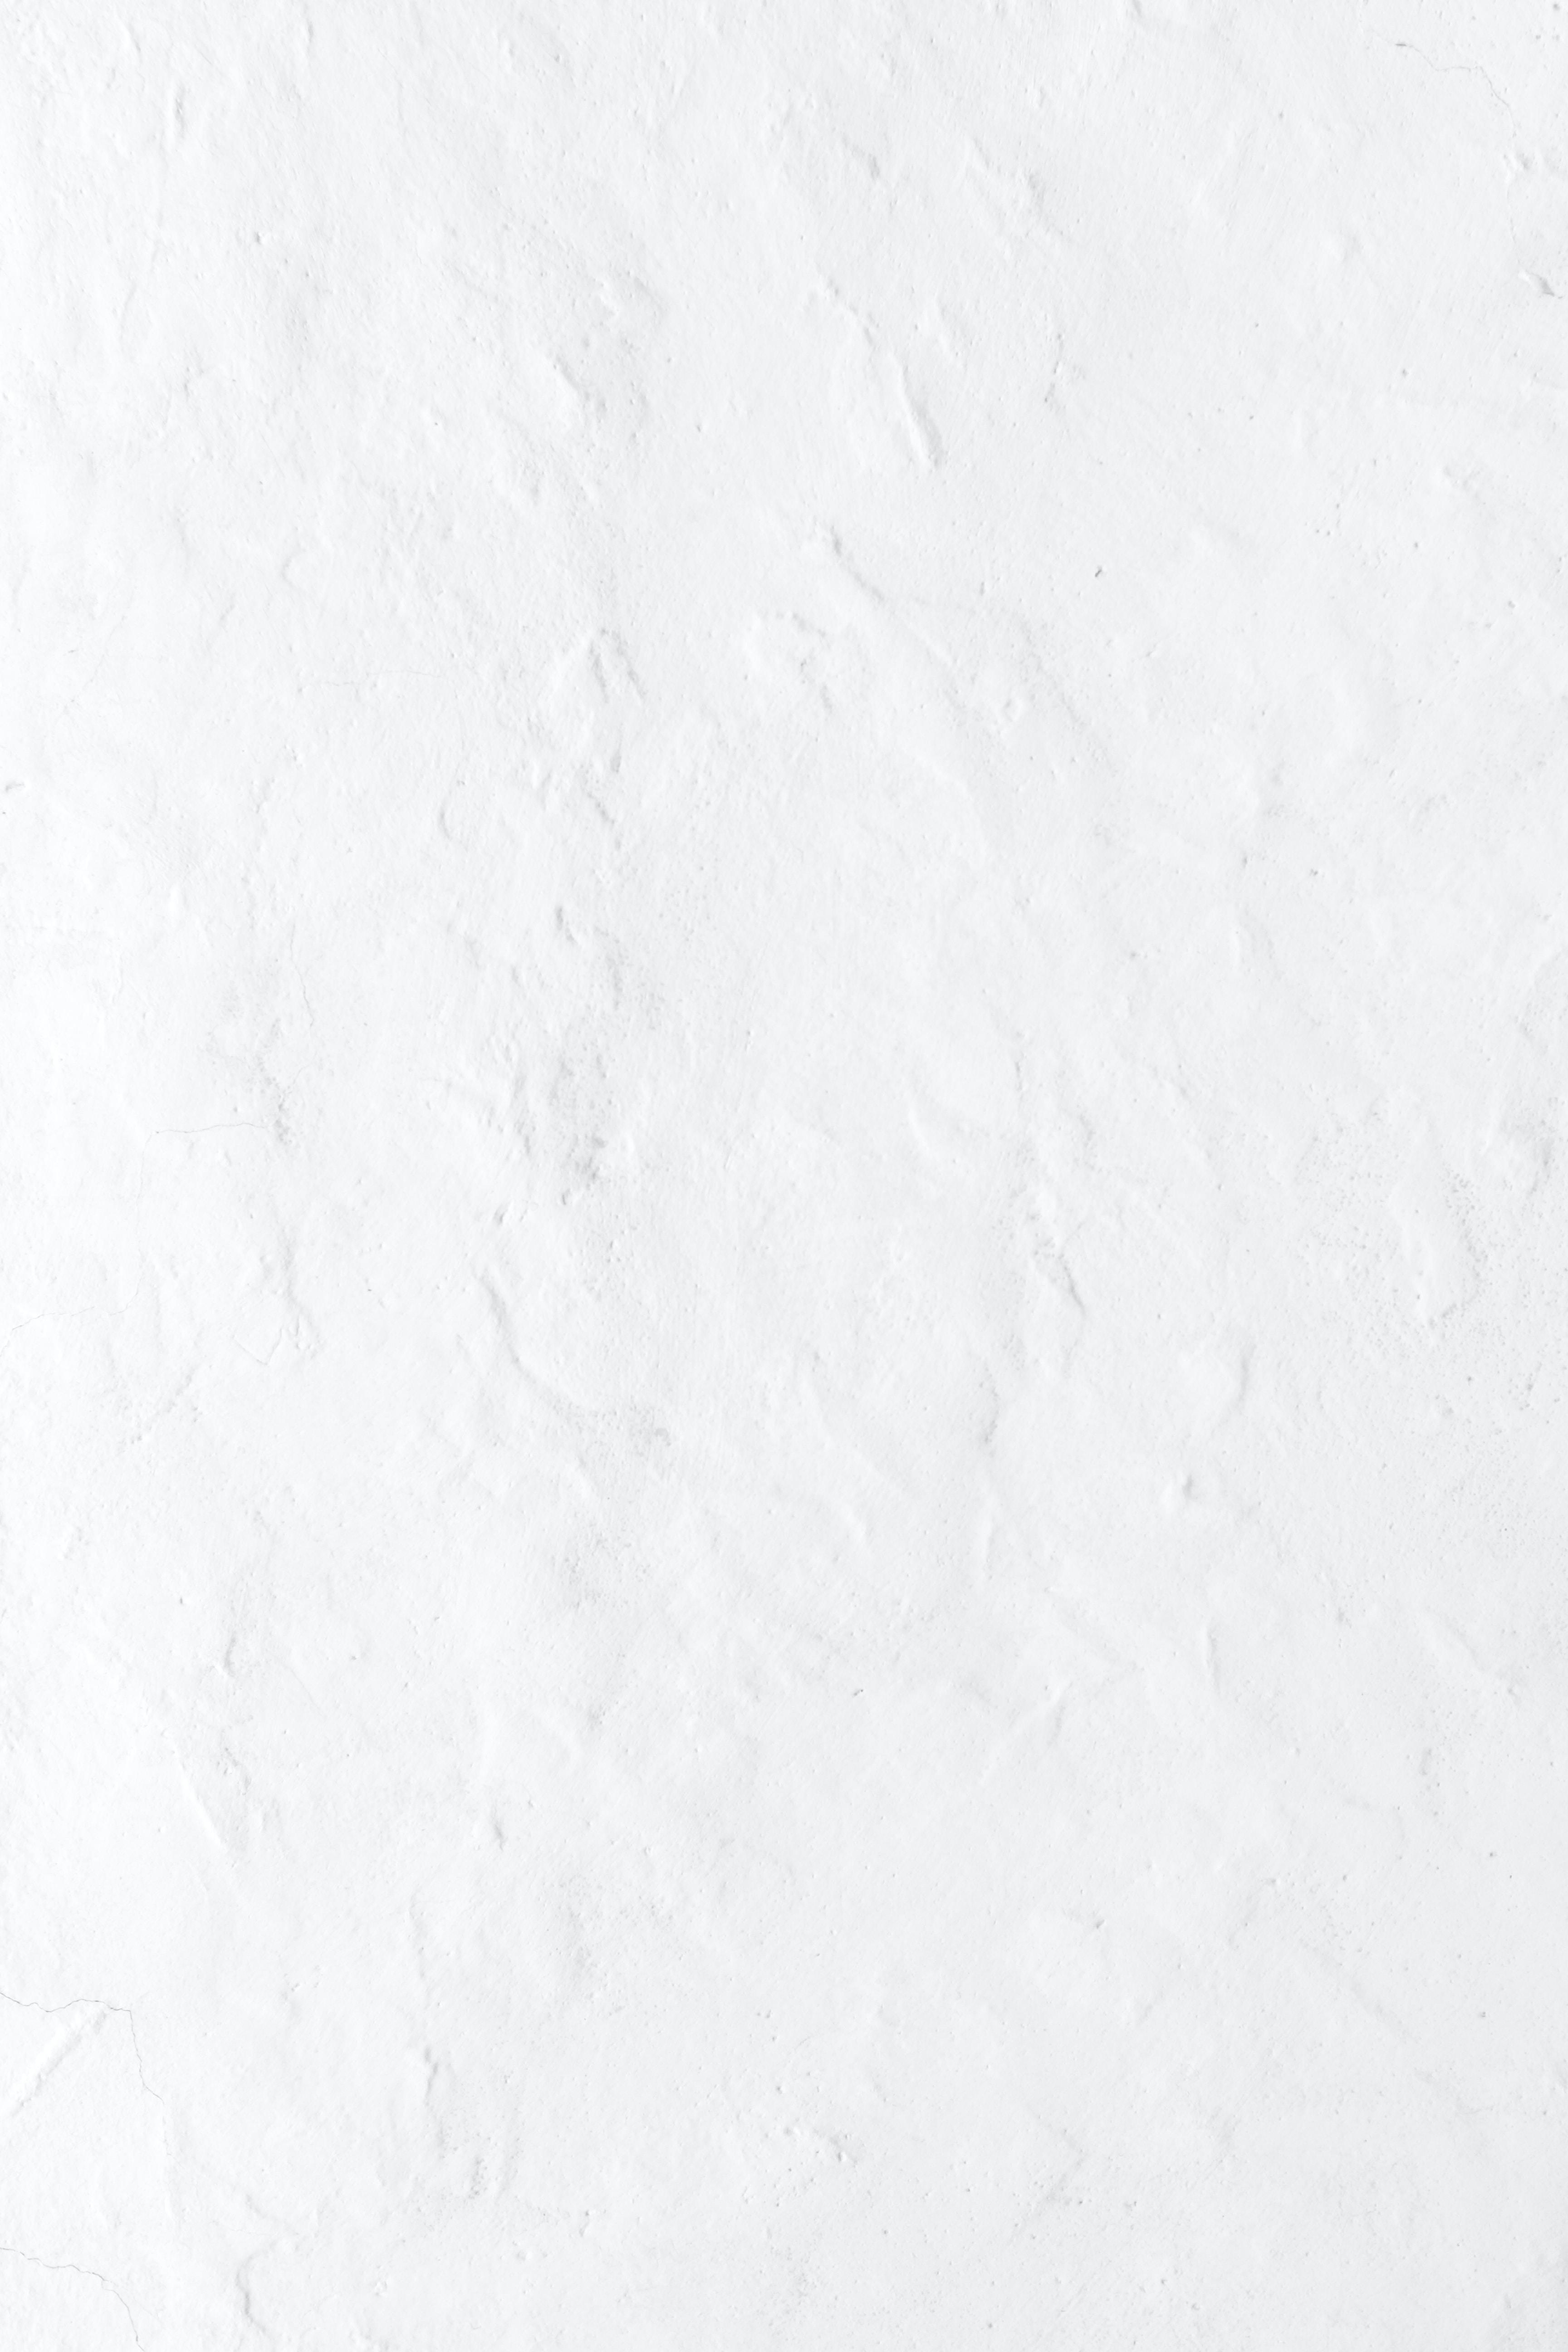 White Marble Photo Backdrop 5 x 5  Amazoncom